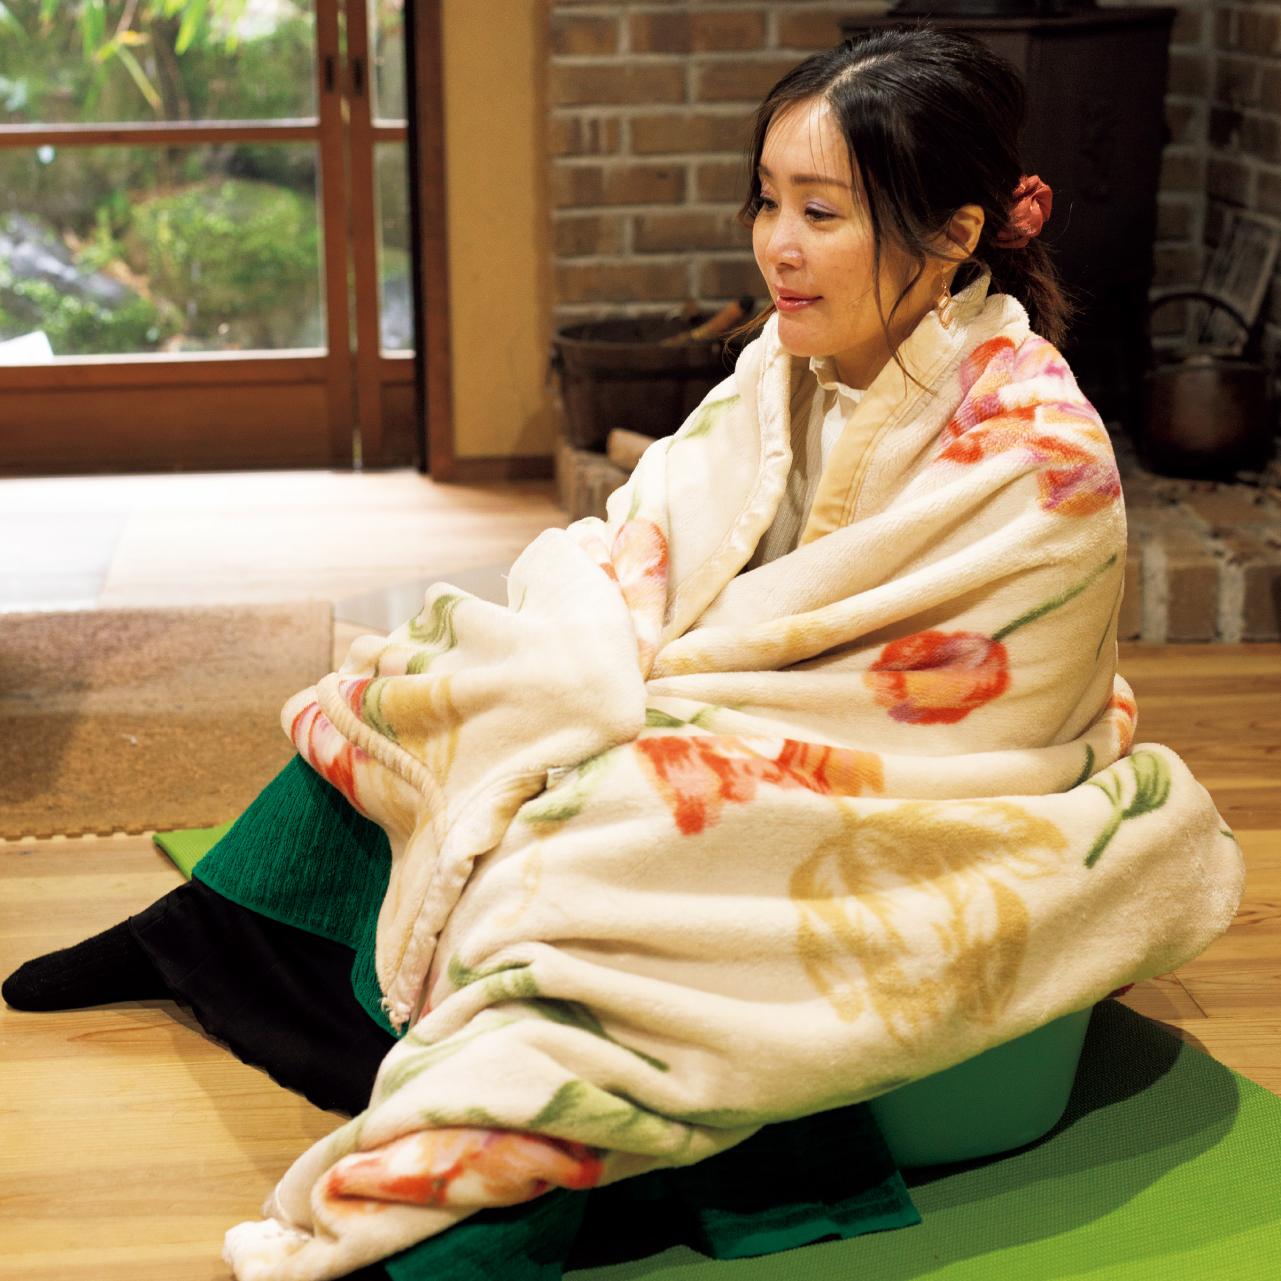 お尻がすっぽり入るたらい(ベビーバスもおすすめ)にあらかじめ天日塩をひとつかみ入れます。大根干葉のゆで汁を入れ、適温にしたあとに下半身だけつかります。熱を逃さないように毛布などをかけ、20分ほどリラックス。